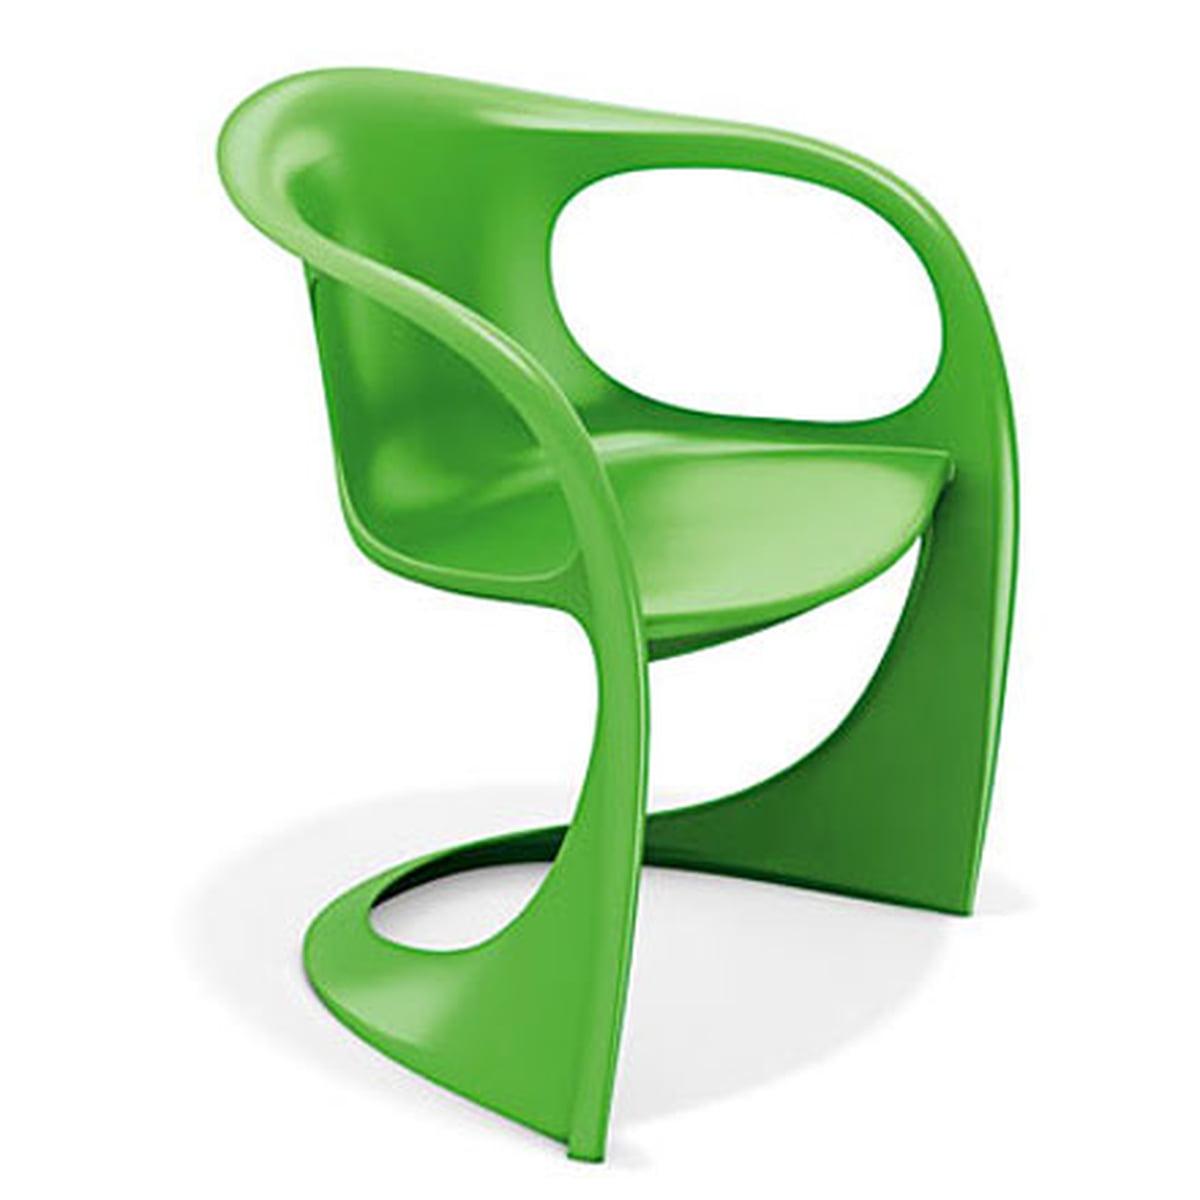 Casala - Casalino Armlehnstuhl 2007/10, grün   Küche und Esszimmer > Stühle und Hocker > Armlehnstühle   Grün   Polyamid glasfaserverstärkt   Casala